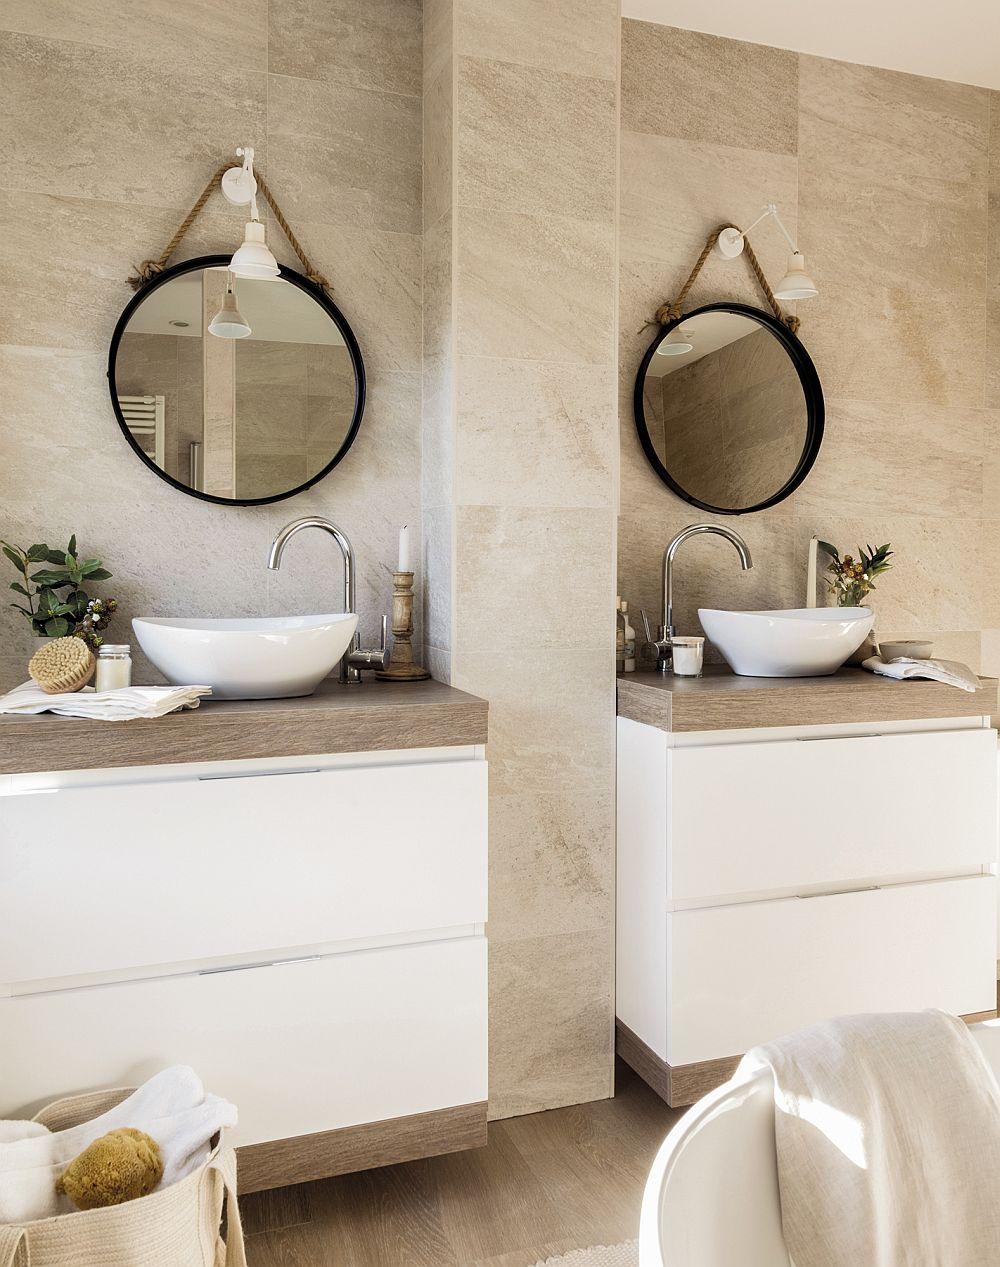 Pentru a configura două lavoare în noua baie, designerul a prevăzut o ghenă de instalații între cele două corpuri. Acestea maschează practic instalațiile necesare alimentării lavoarelor.